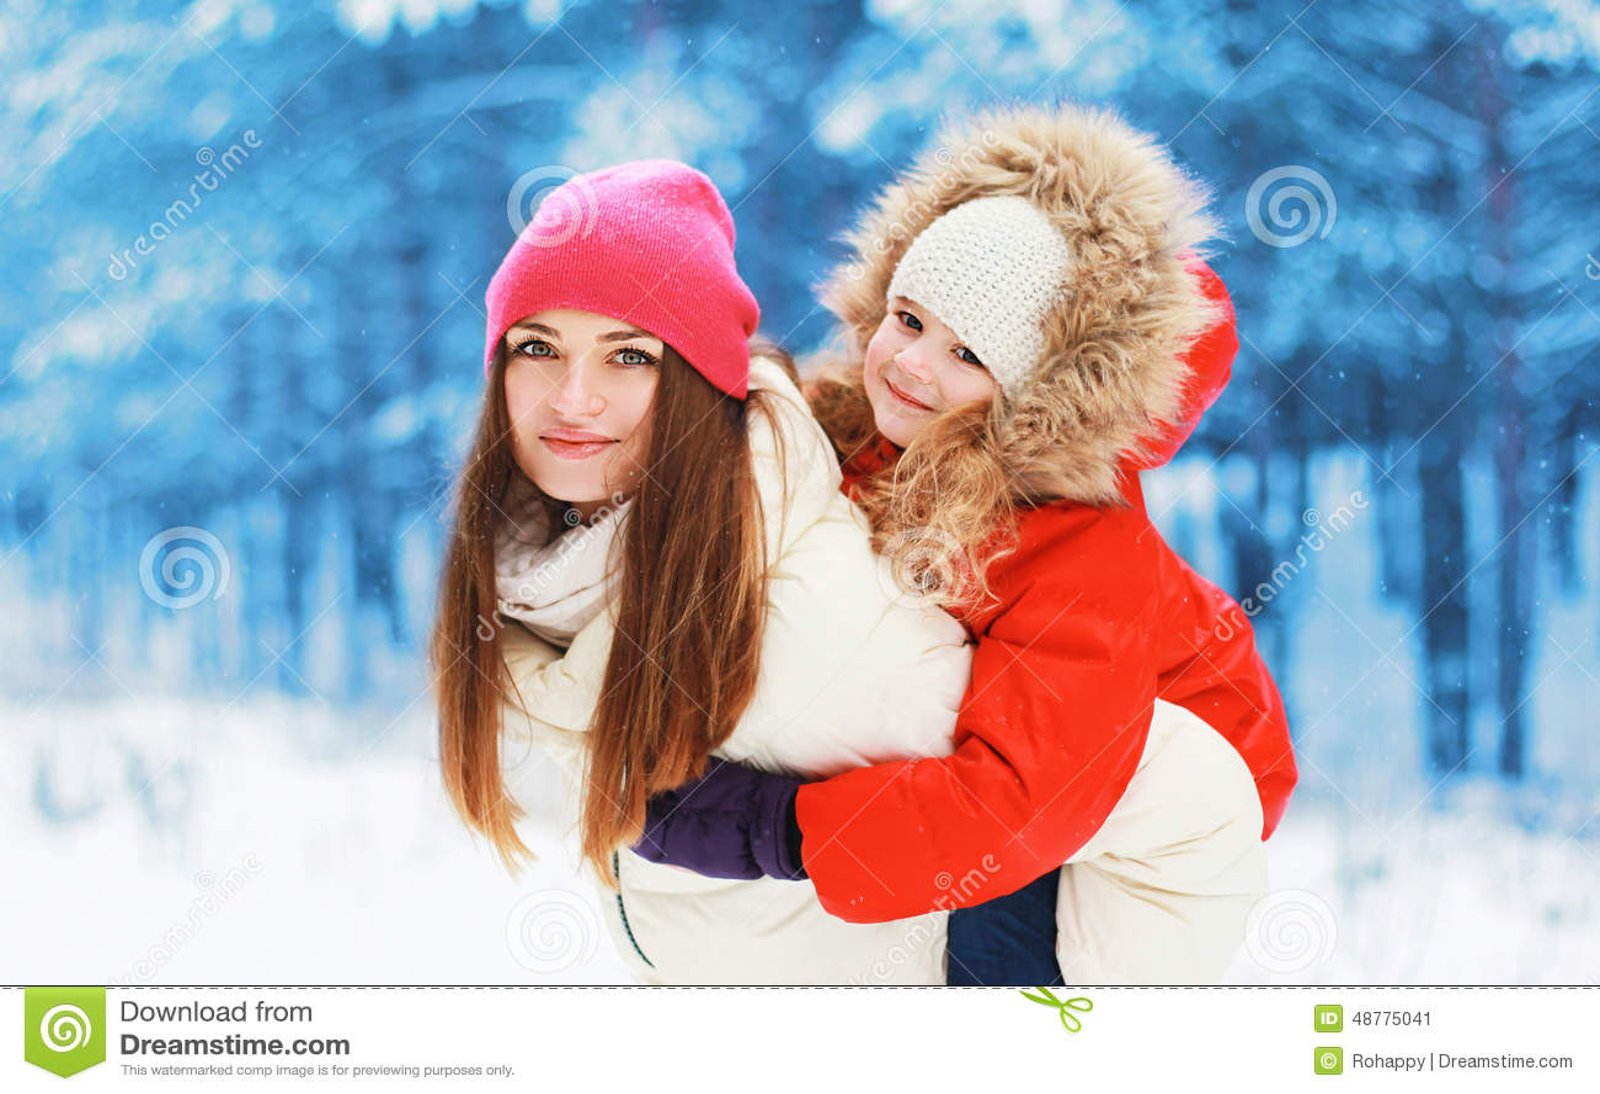 De winter en mensenconcept - gelukkig mamma en kind samen